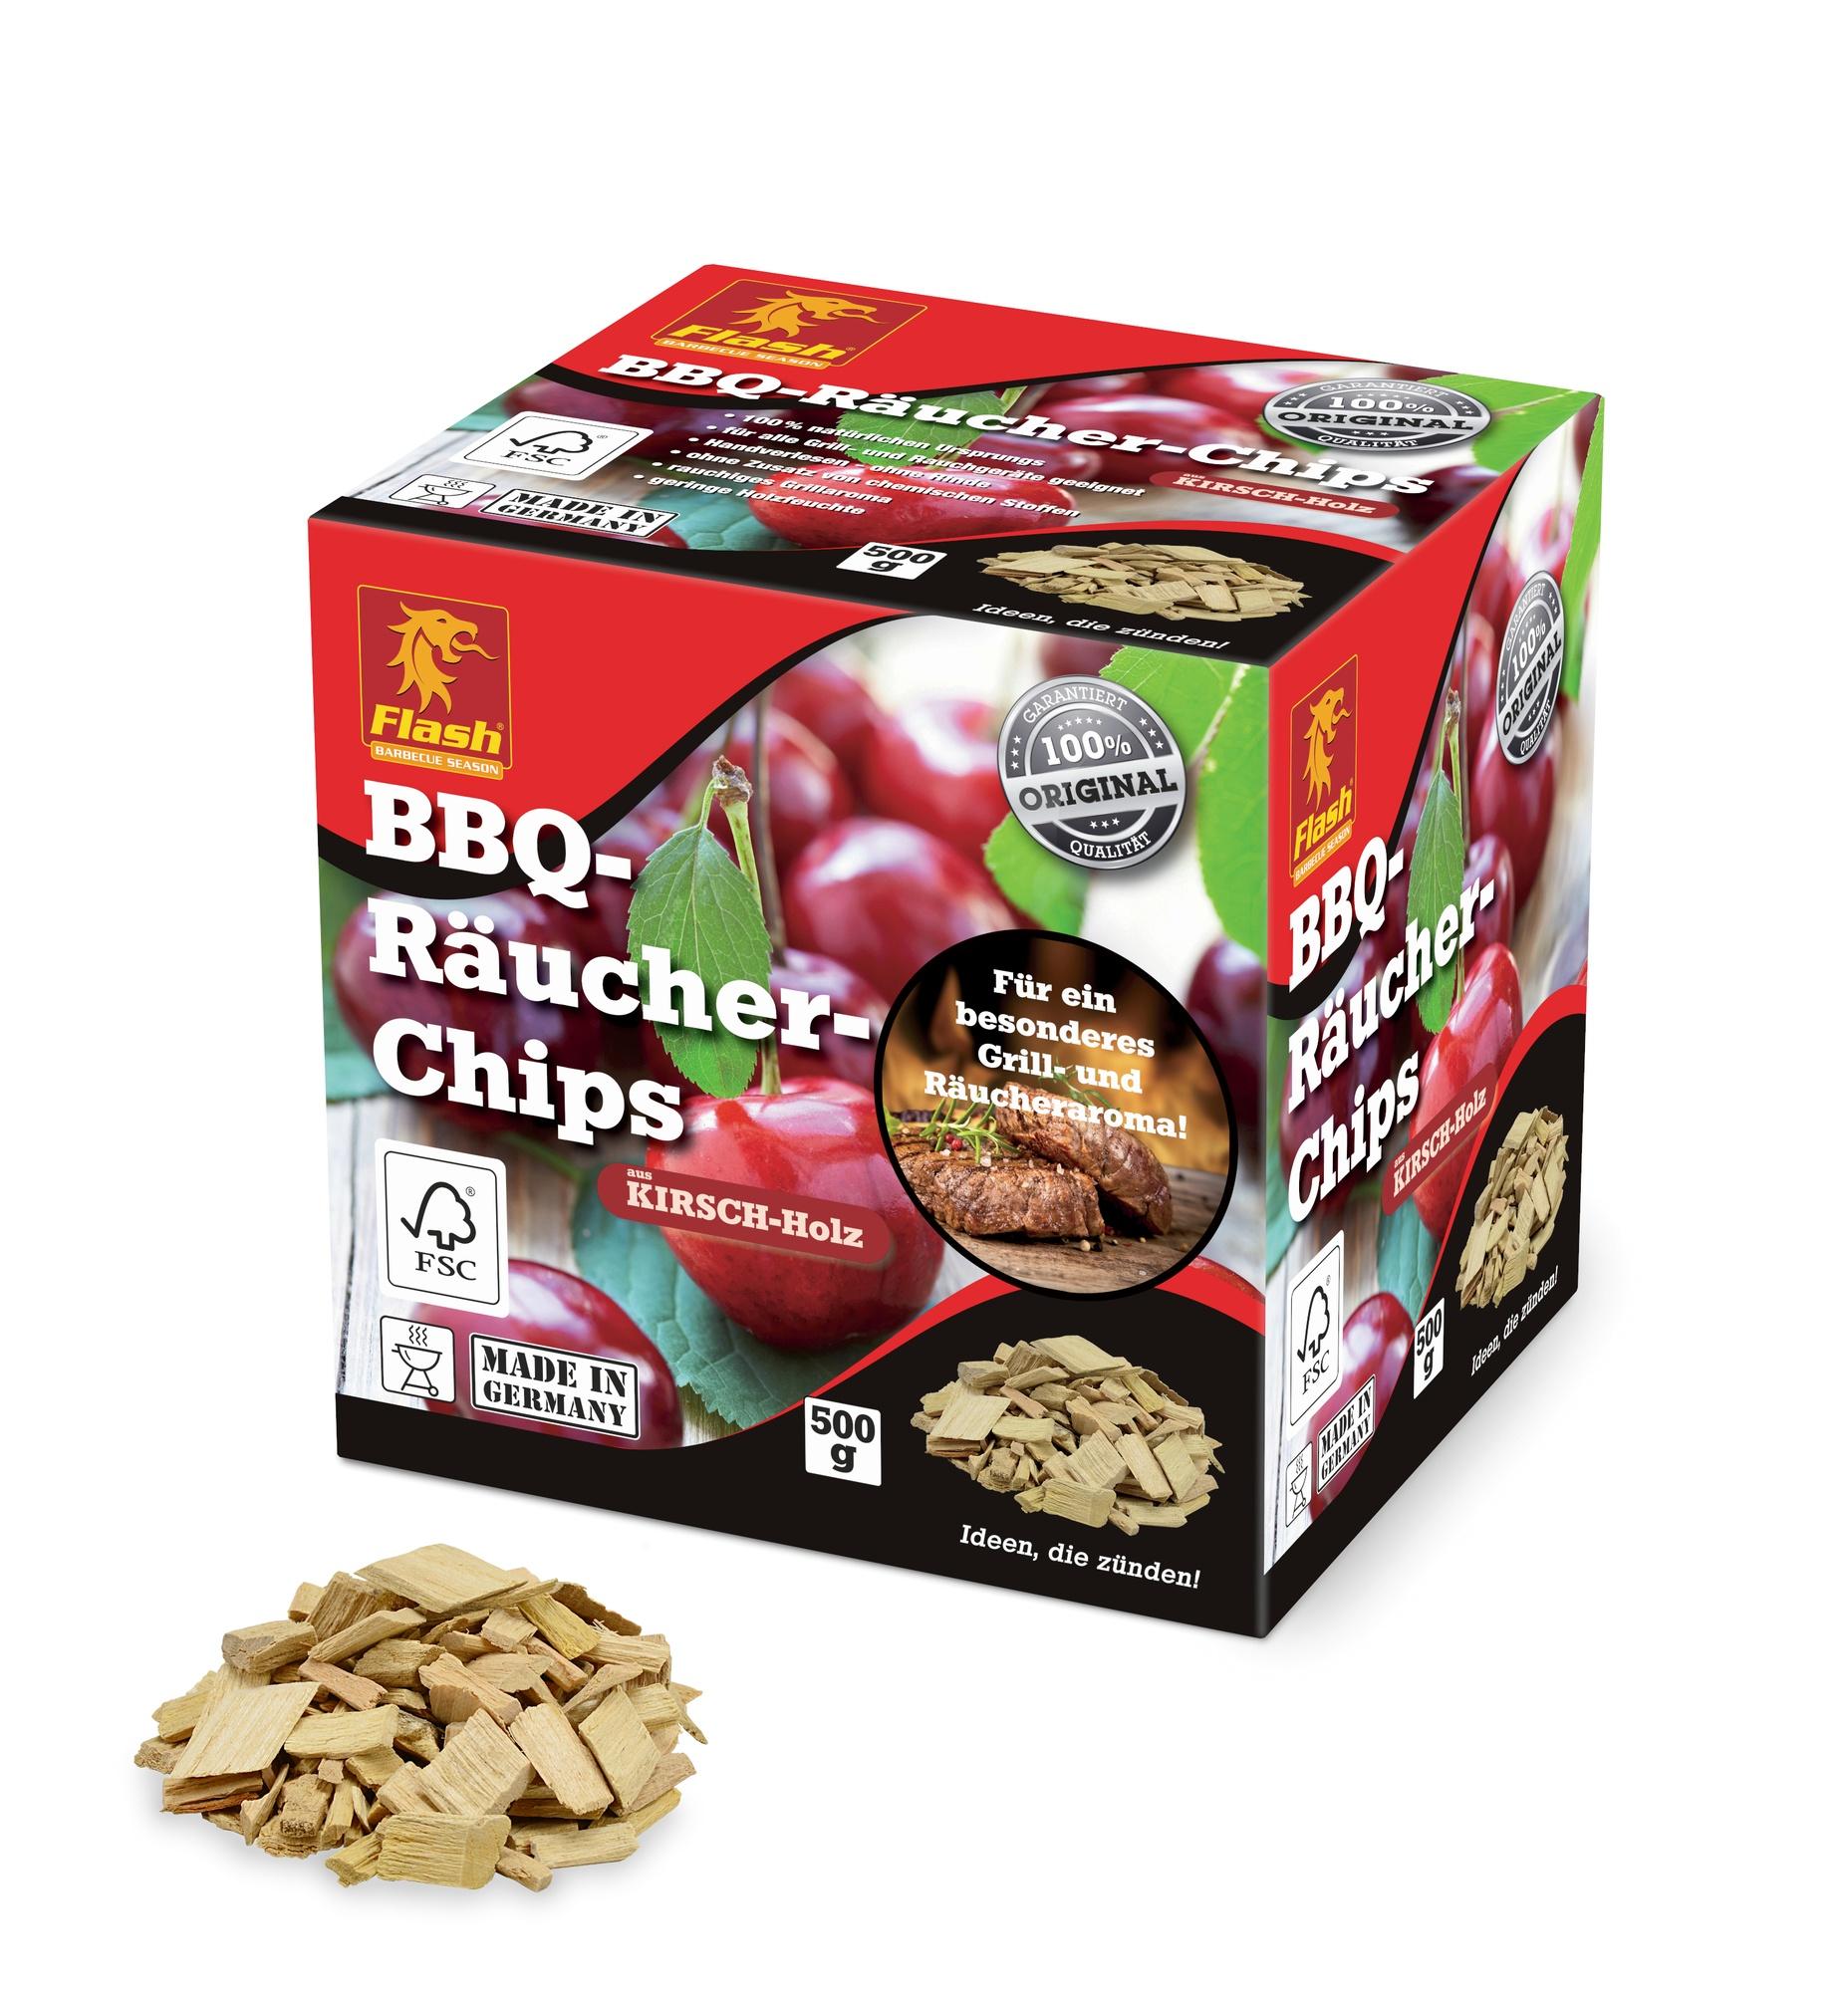 FLASH BBQ Räucher-Chips Kirsche 500g